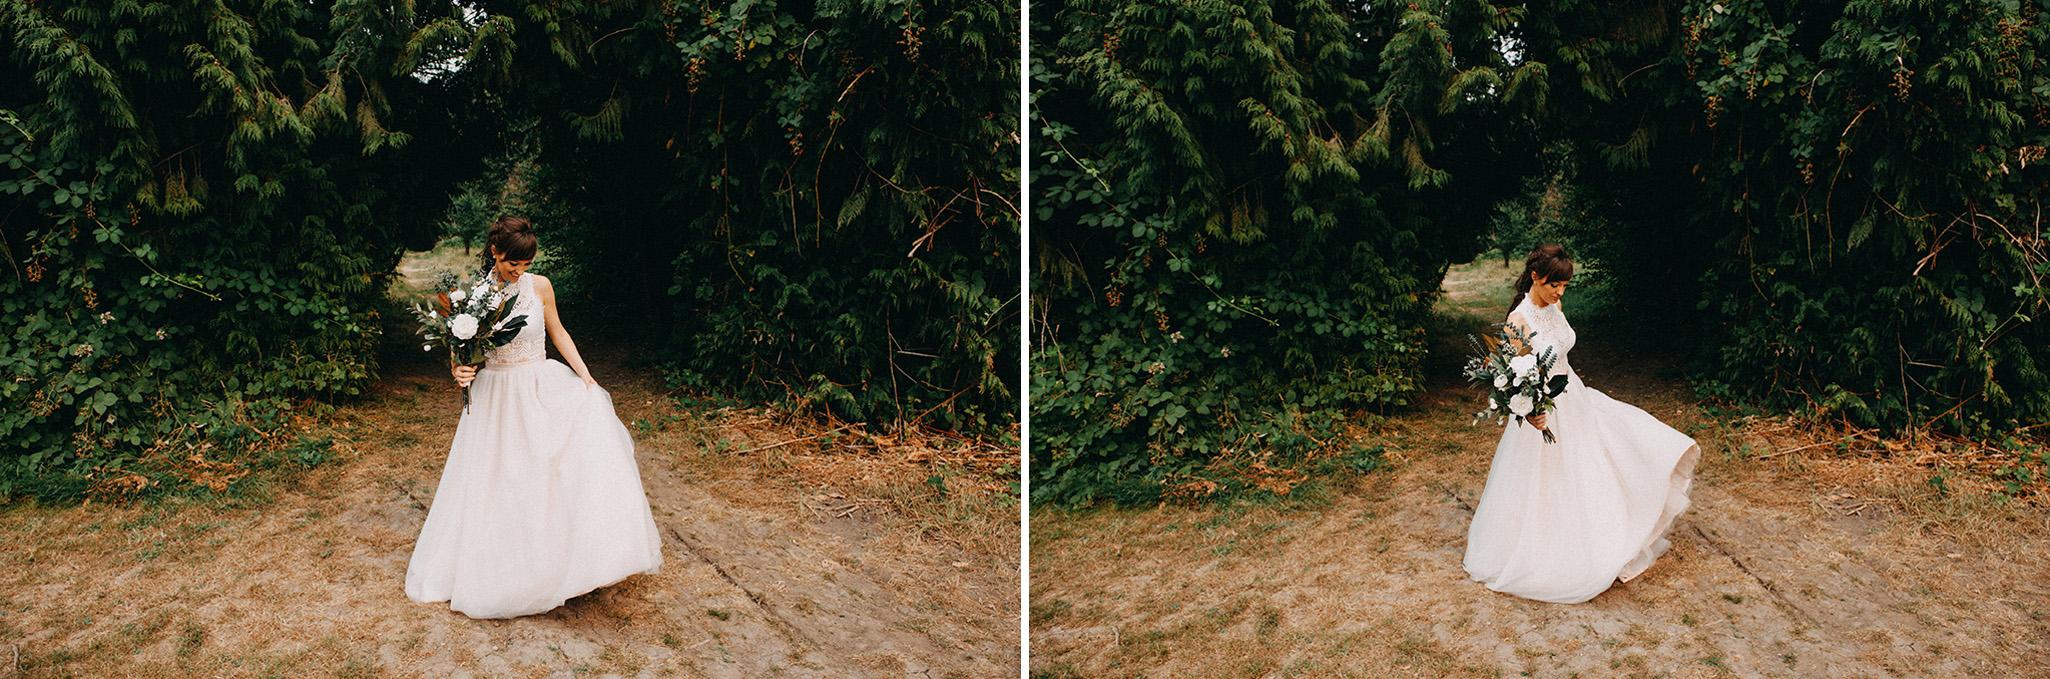 Jaymeannephotography-267 copy.jpg